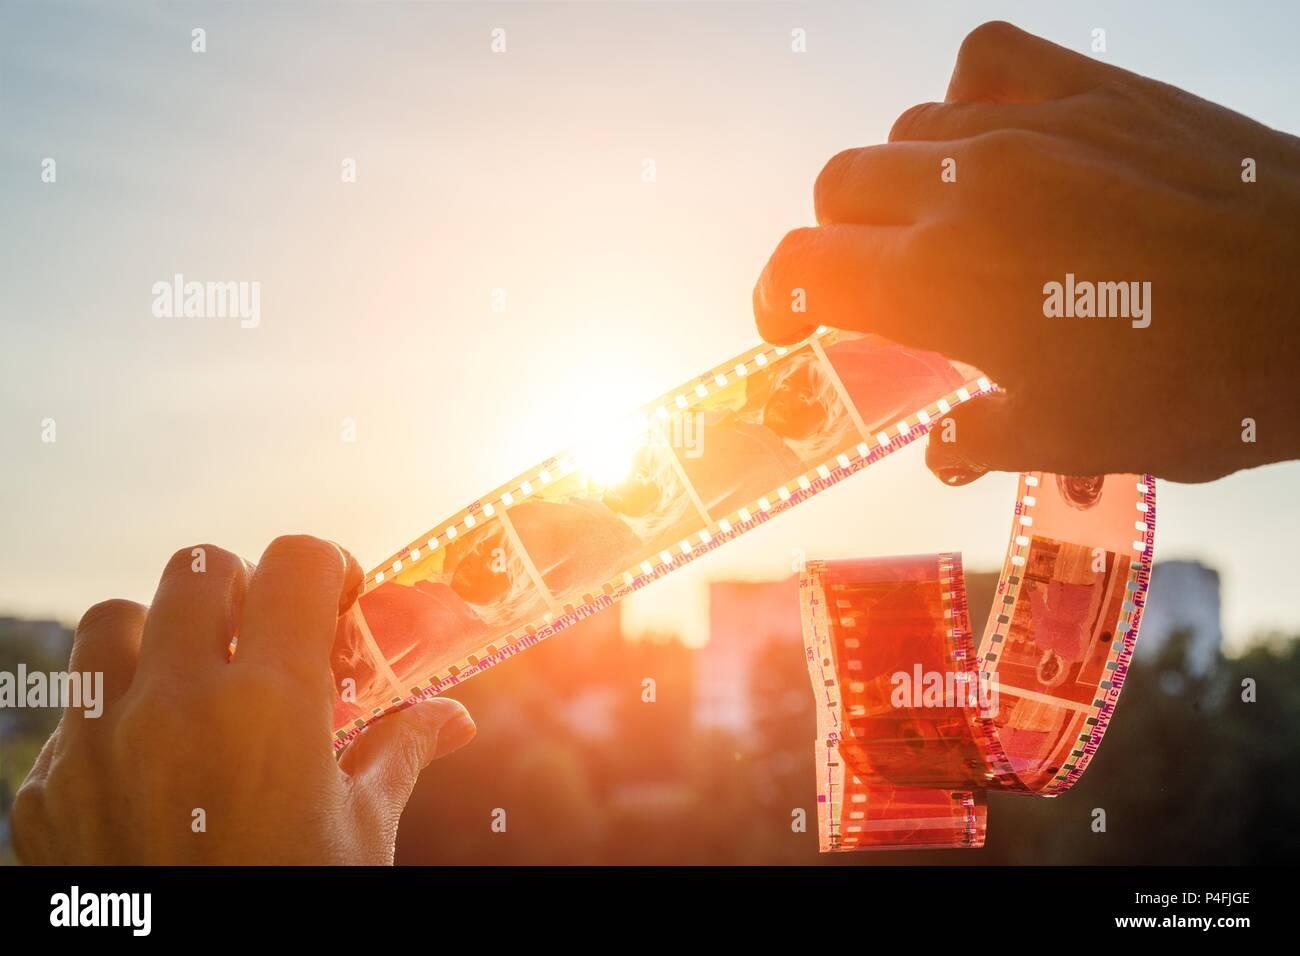 Memory memories past yesterday - film Sunset background Stock Photo